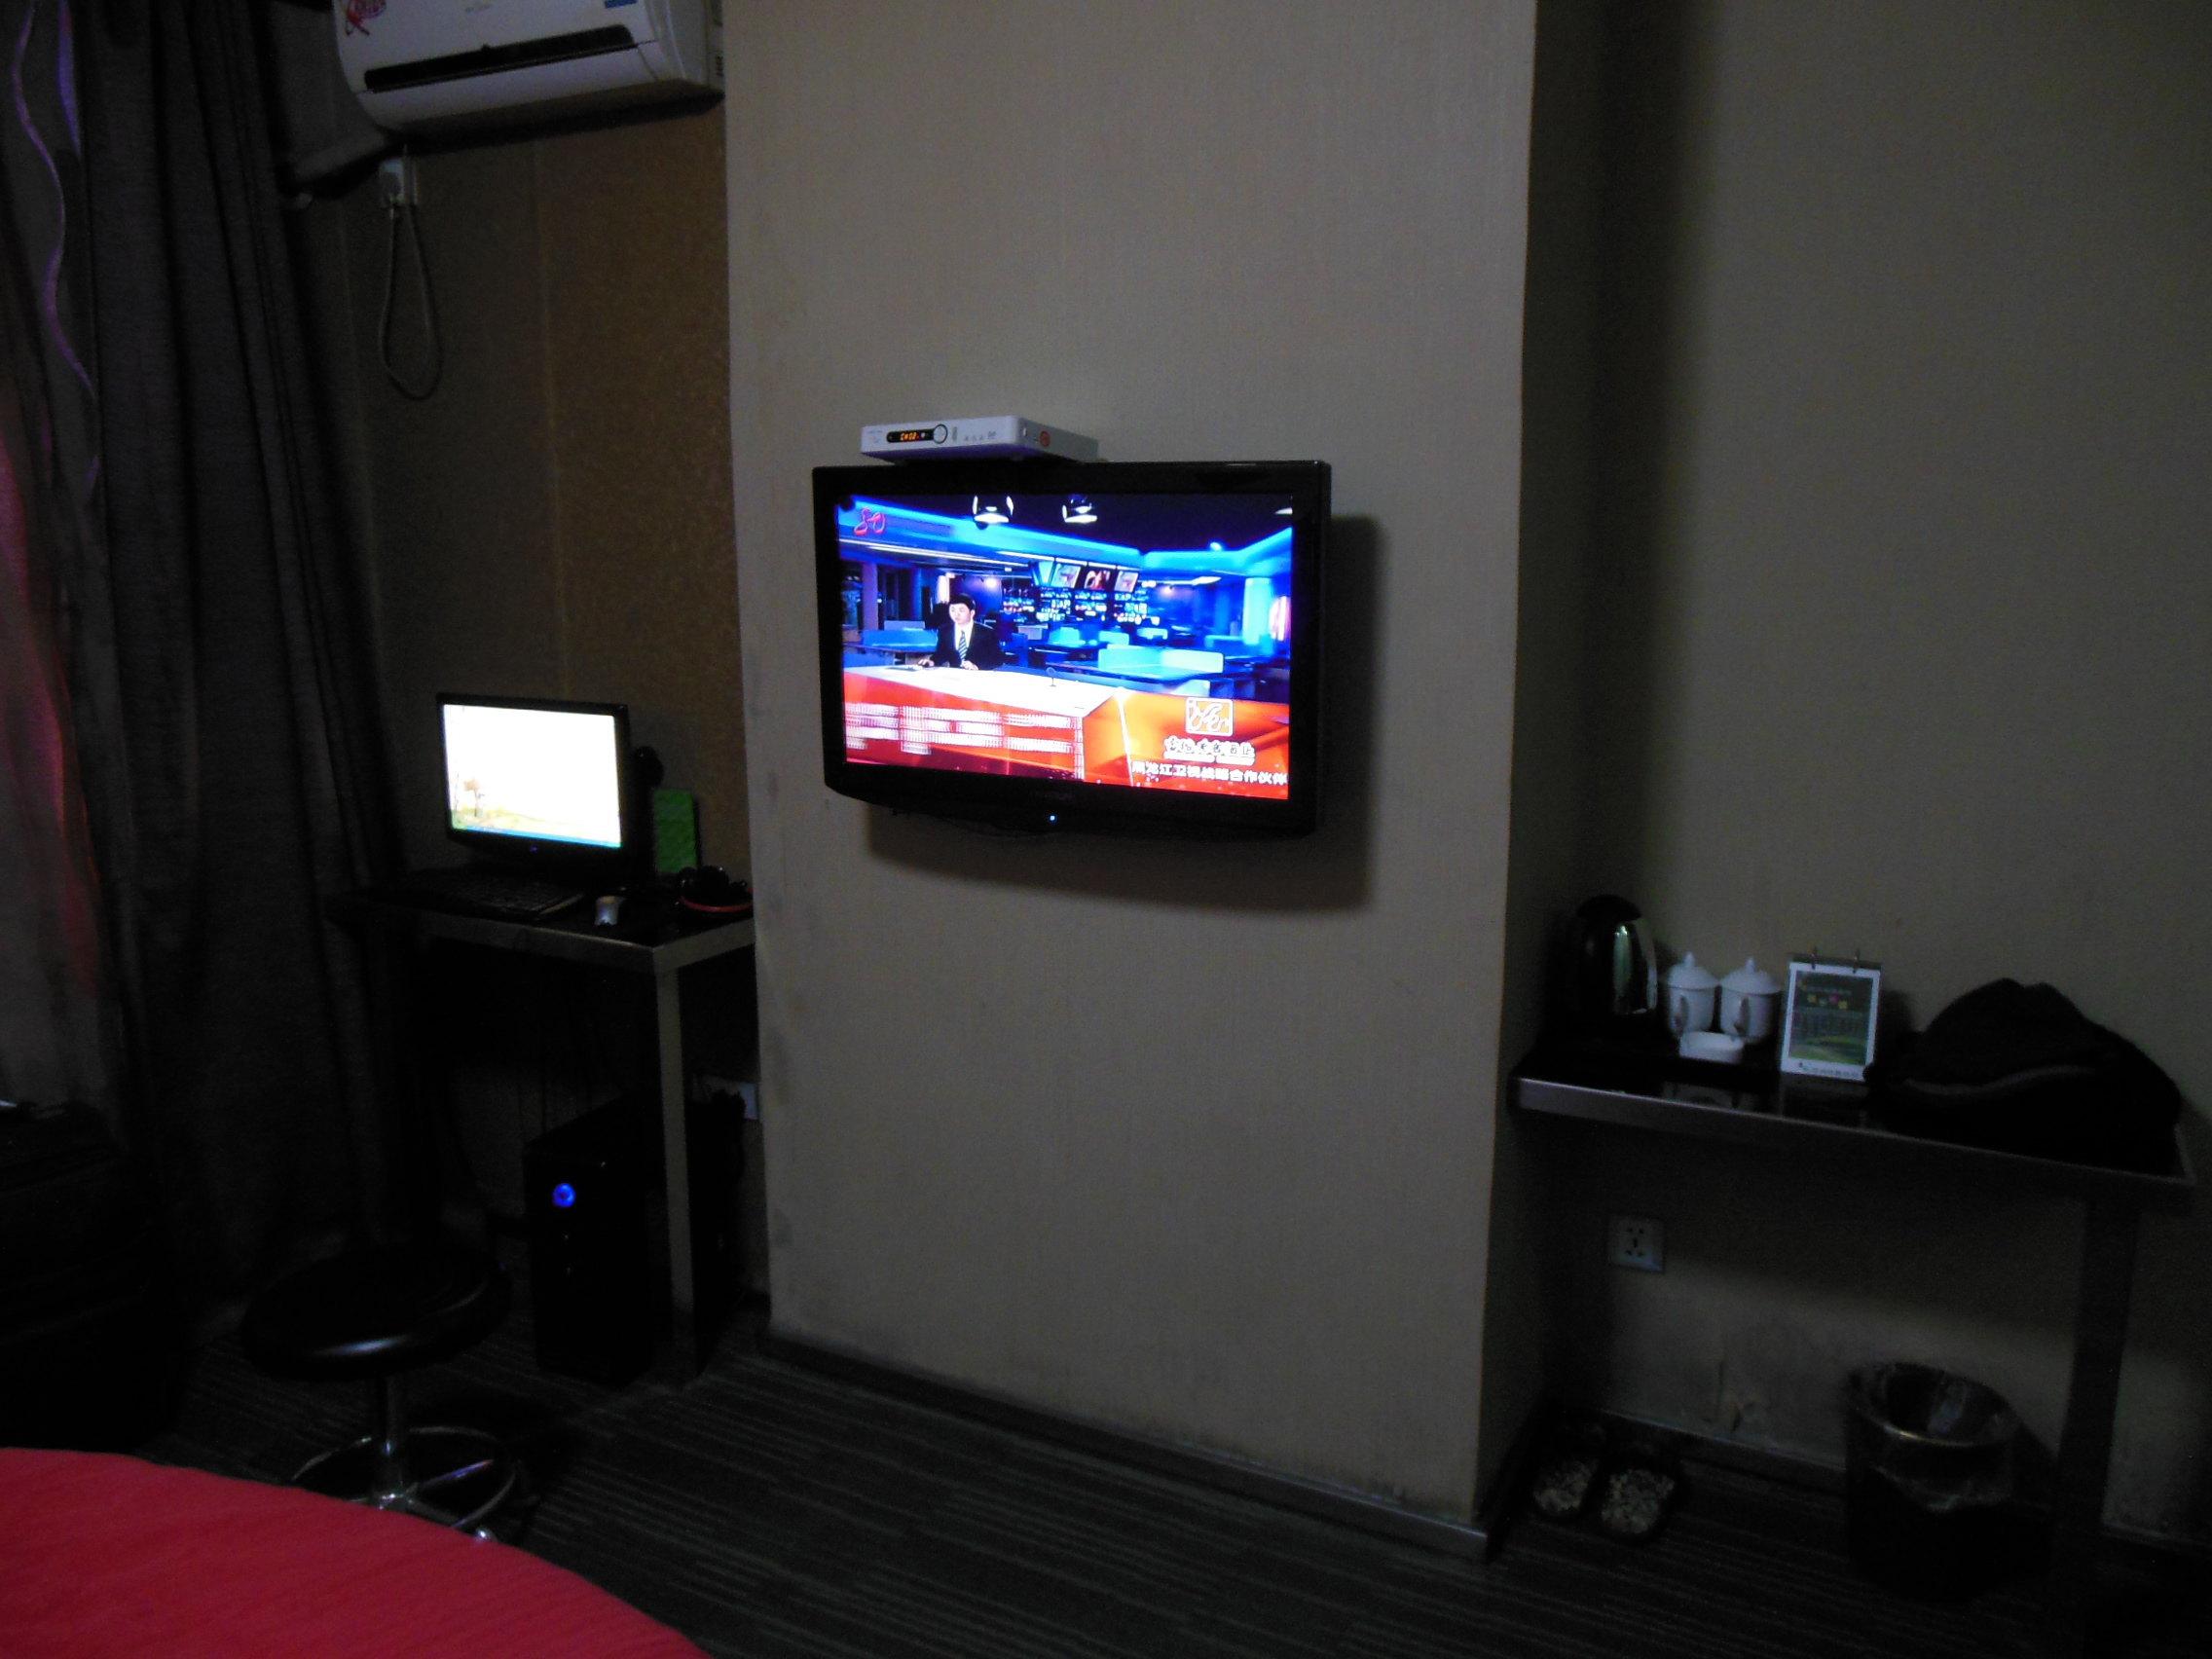 酷玩直播 - 活塞 VS 湖人德国杯决赛直播在线观看-搜狗视频